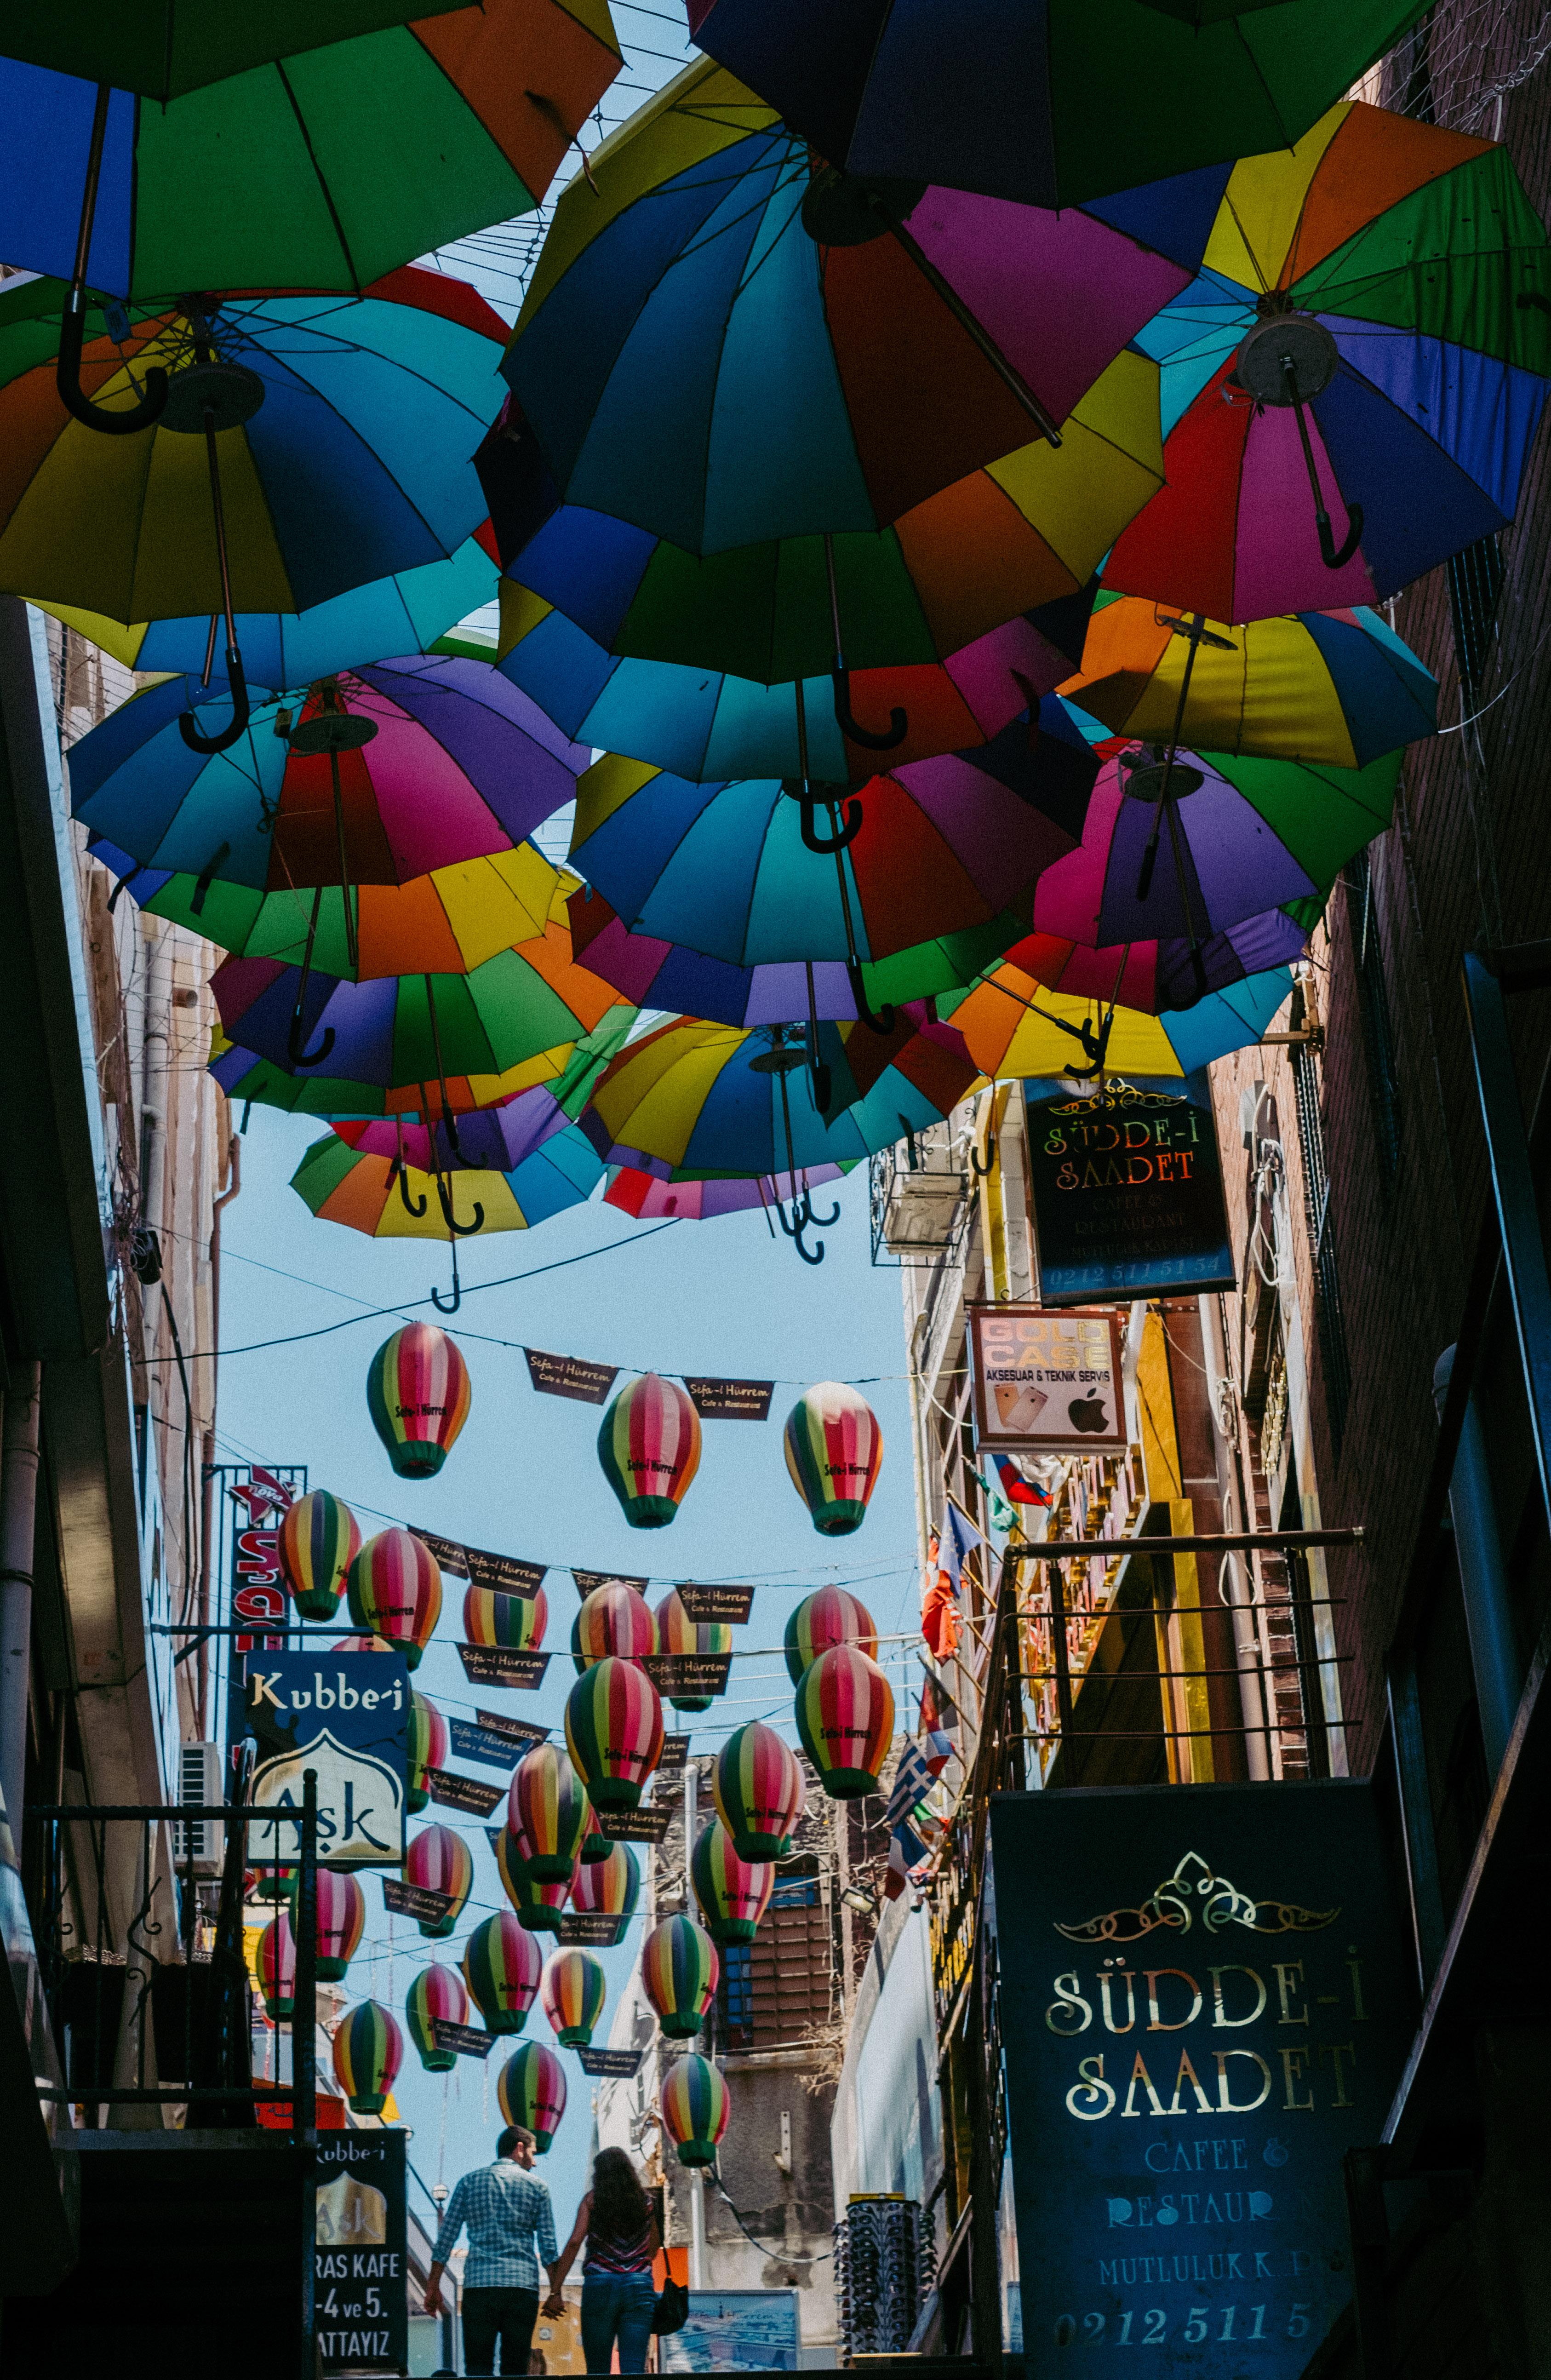 Kostenlose foto : Straße, Liebe, Regenschirm, bunt, Farbe, Rahmen ...